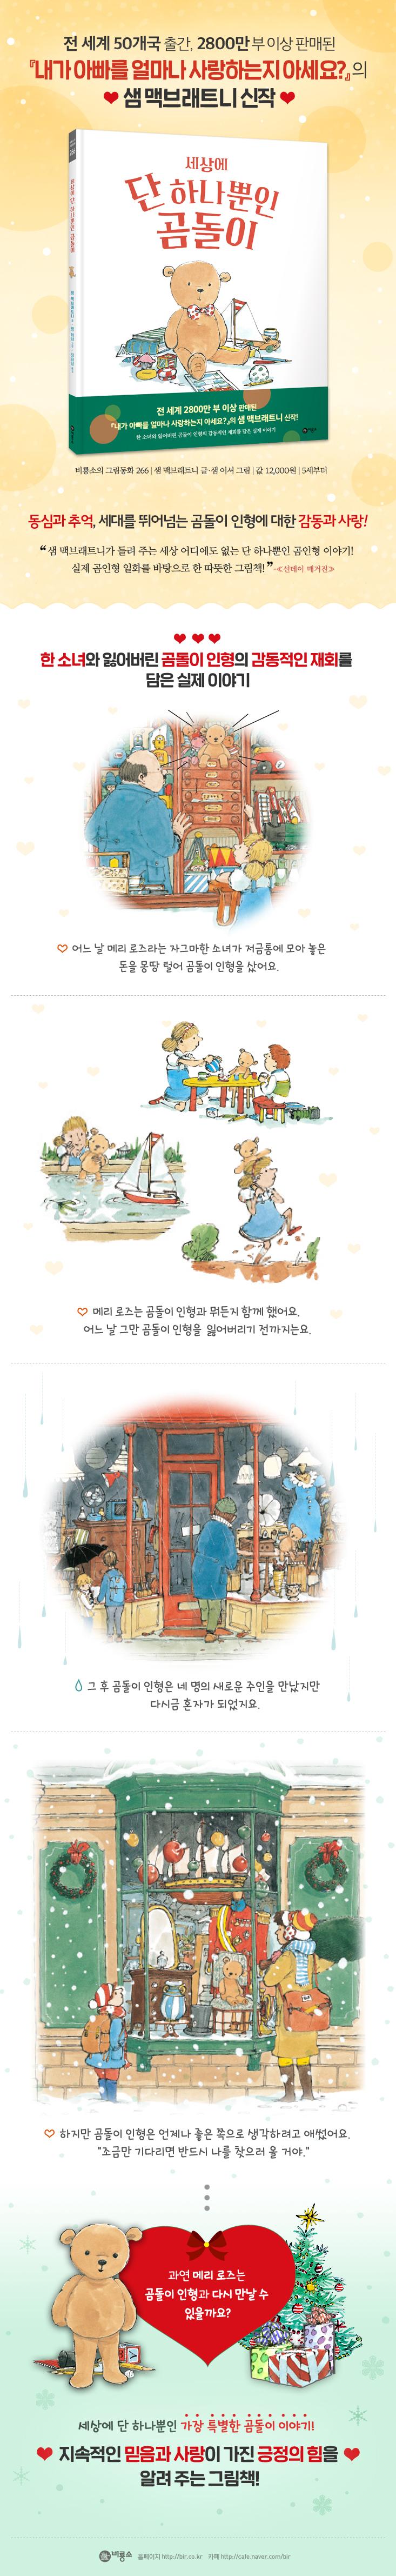 단하나뿐인곰돌이_수정_웹상세페이지